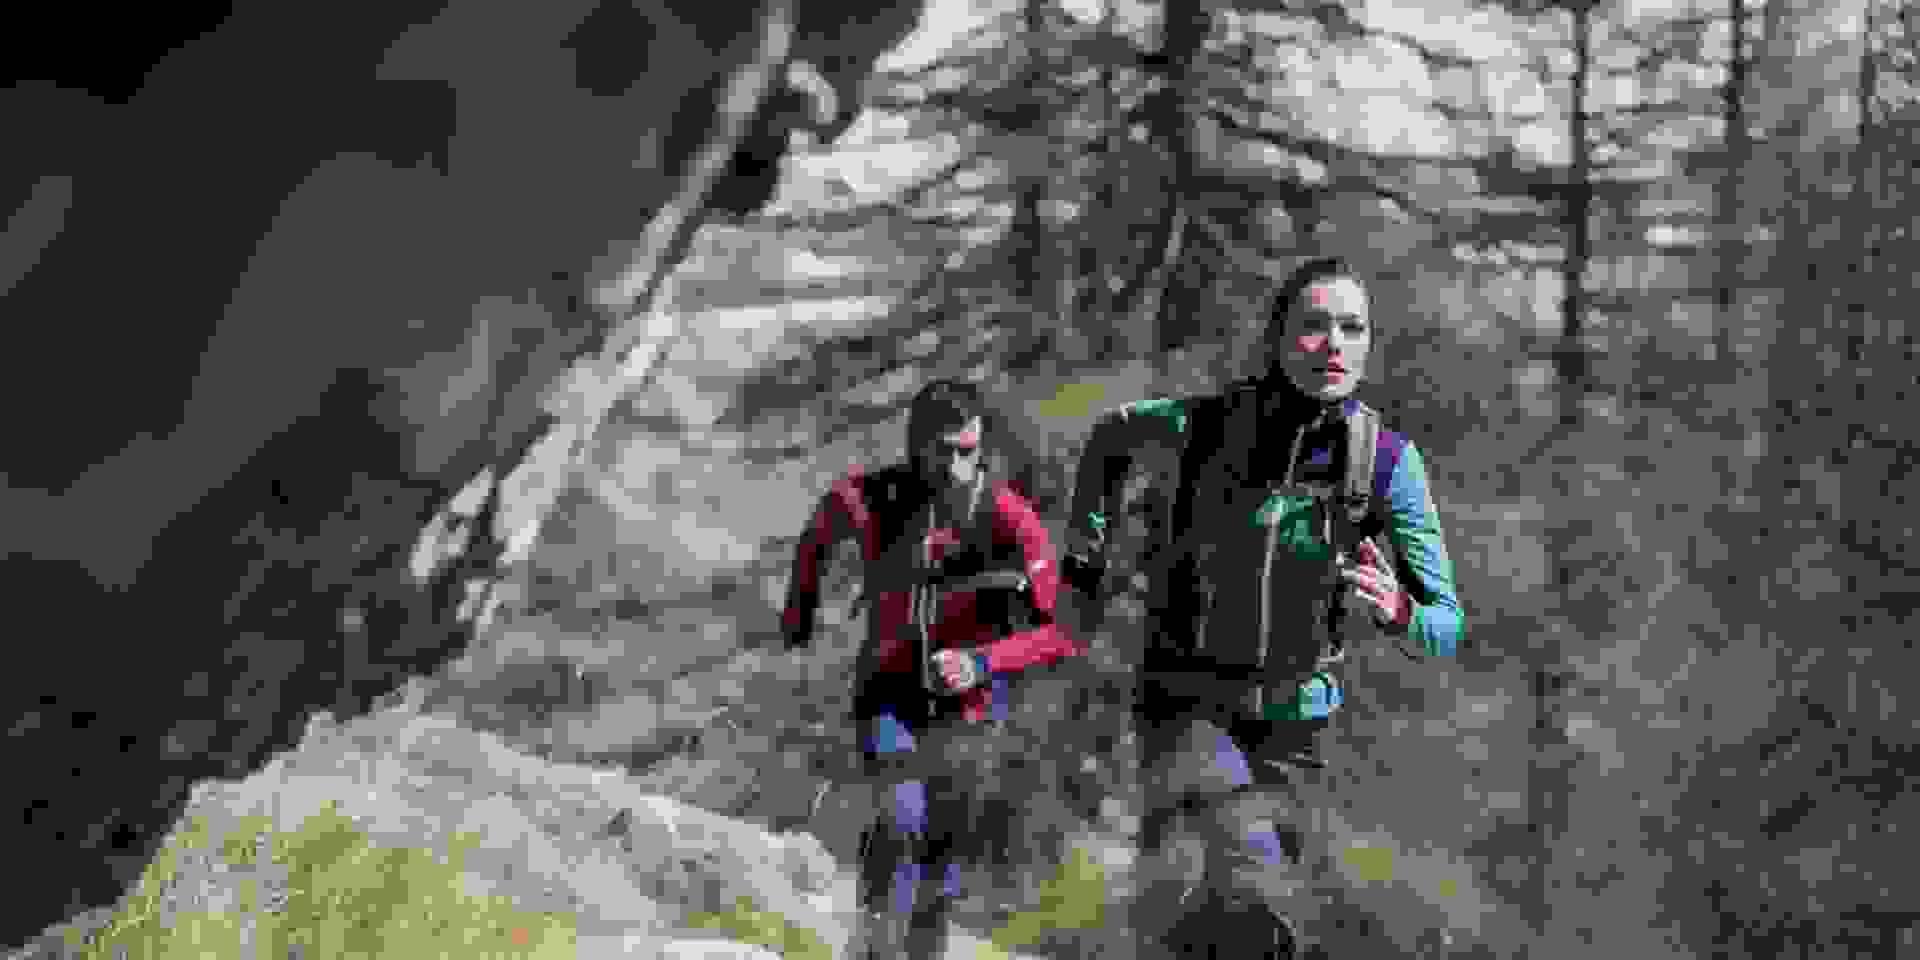 Ein Paar beim Trailrunning am Berg bei Herbstwetter